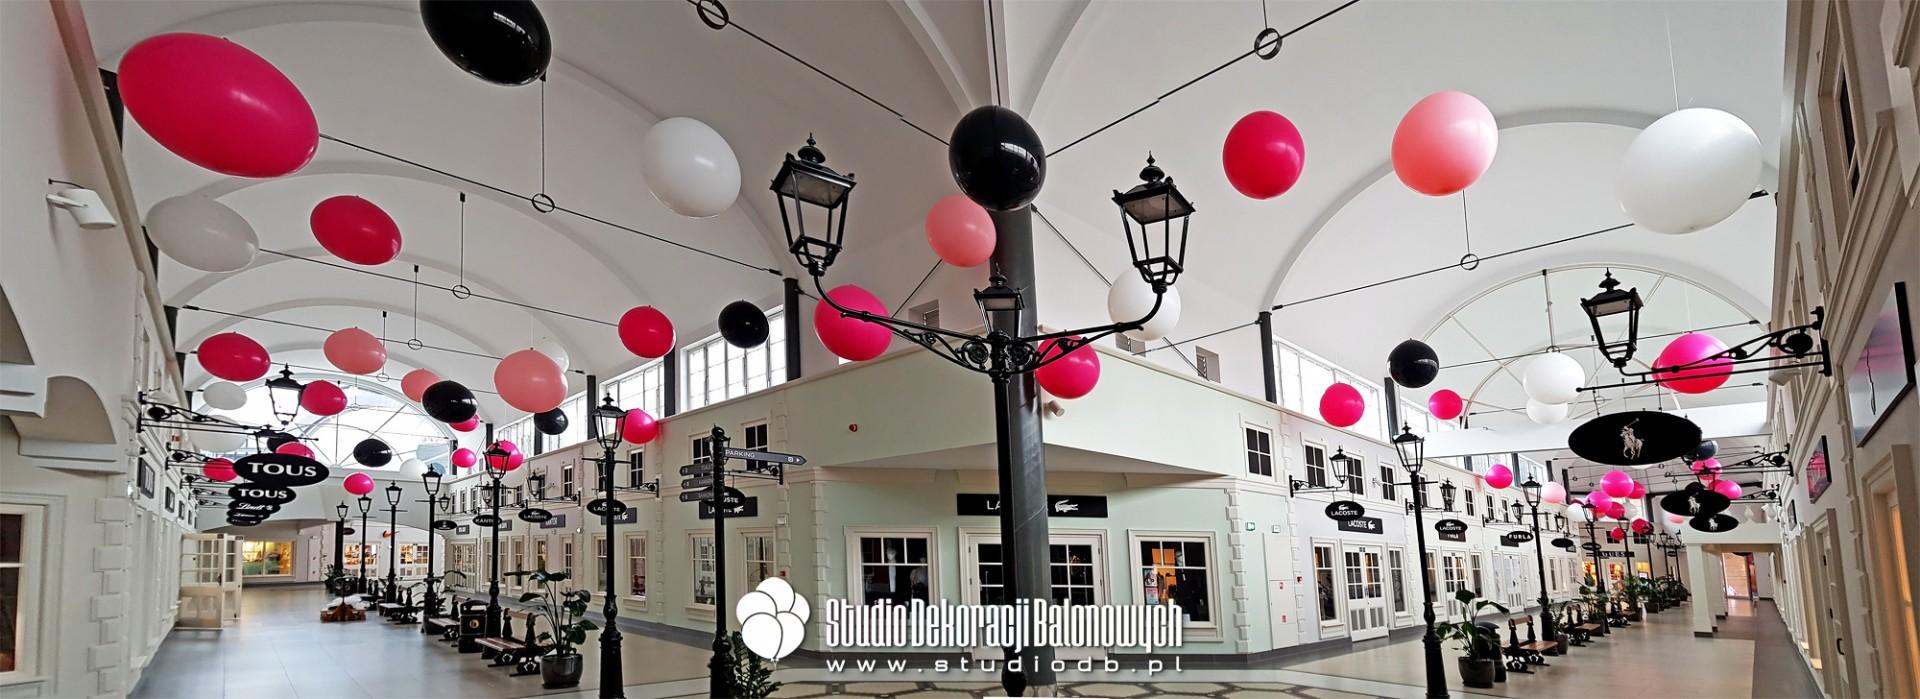 Dekoracja balonowa Centrum Handlowego Designer Outlet w Warszawie